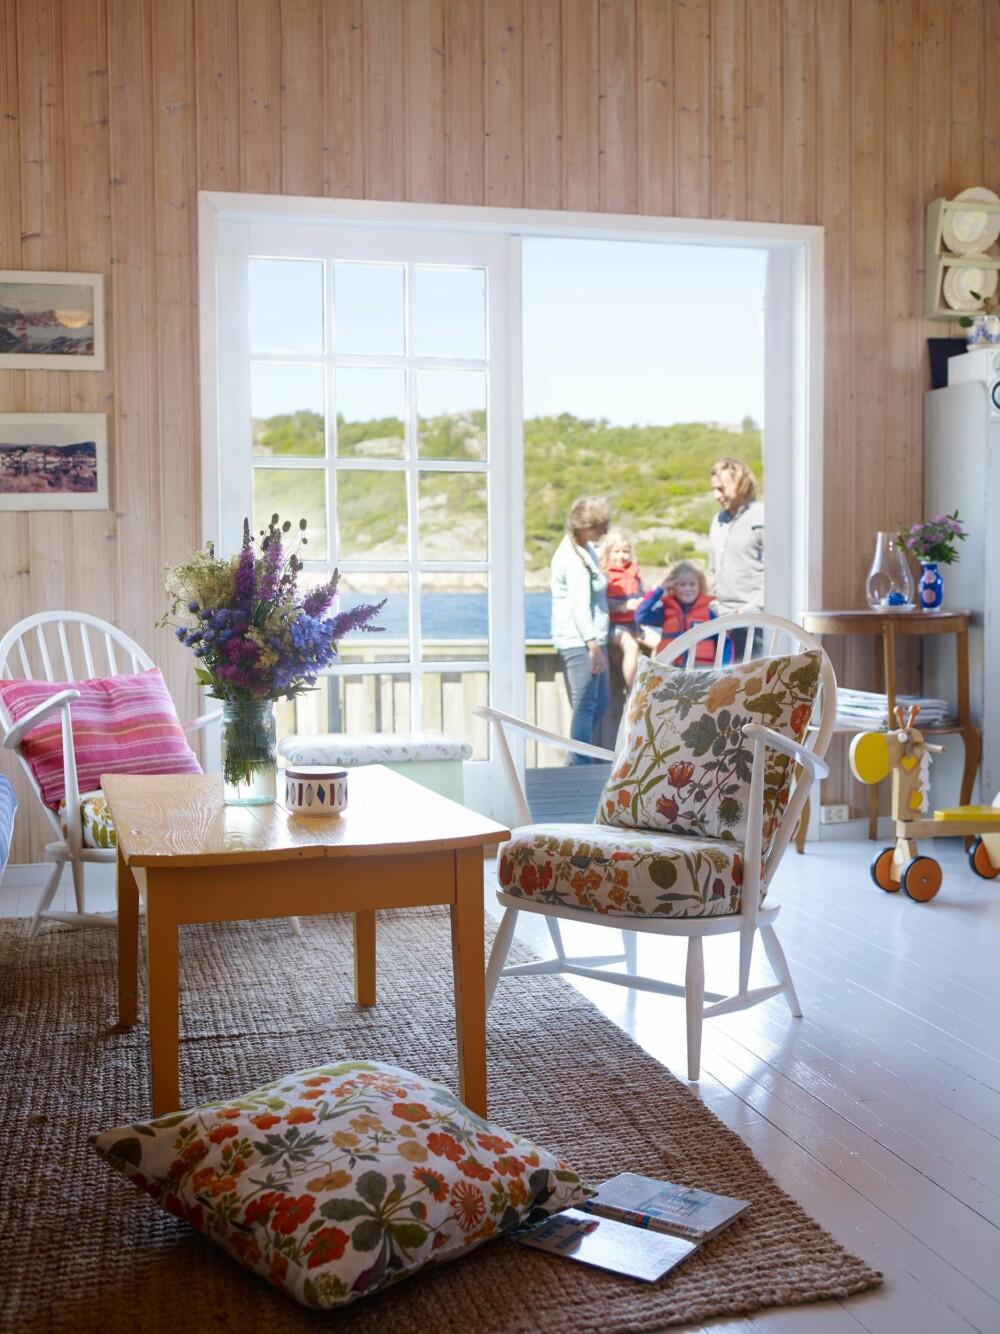 UT PÅ TERRASSEN: På vindfulle dager må døren holdes lukket, da kan vinden stå rett inn fra havet. På stille dager gjør den store terrassen på forsiden hytta større.